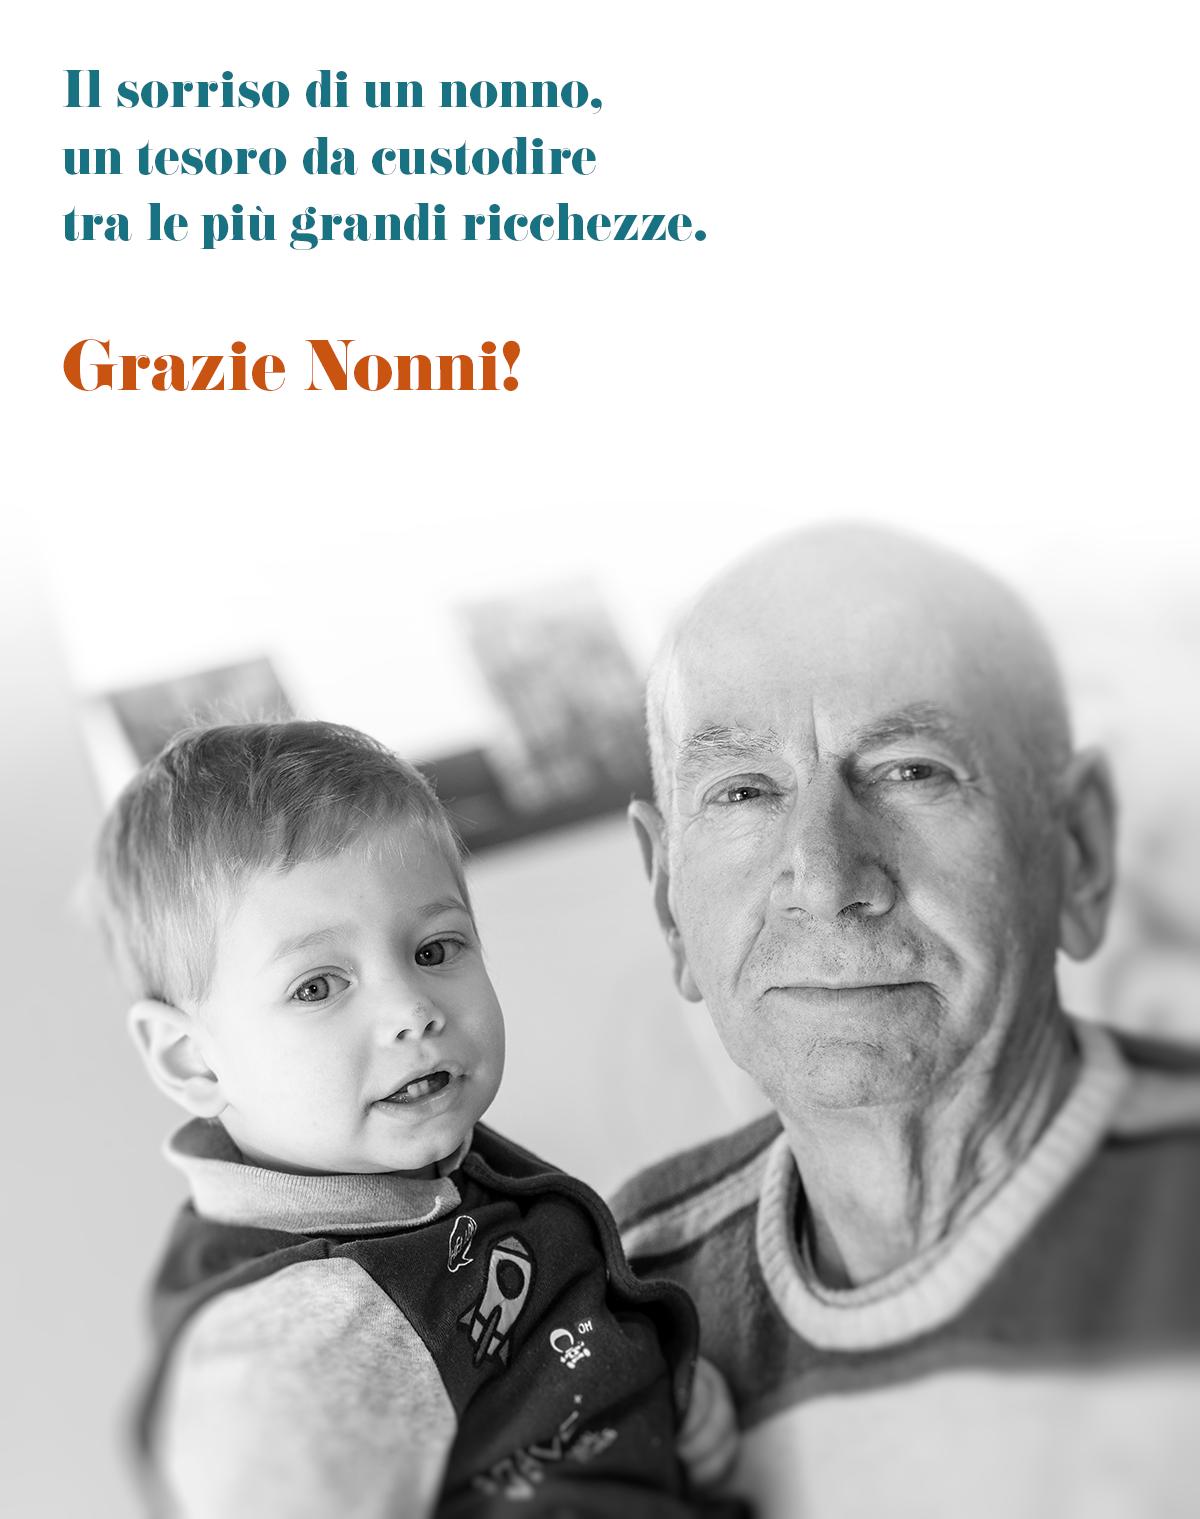 Un Ricordo Ed Un Abbraccio A Tutti I Nonni Preziosi.xxoh13d8fb22c31f863680c6fda552501c04oe5e1fd2cb.png